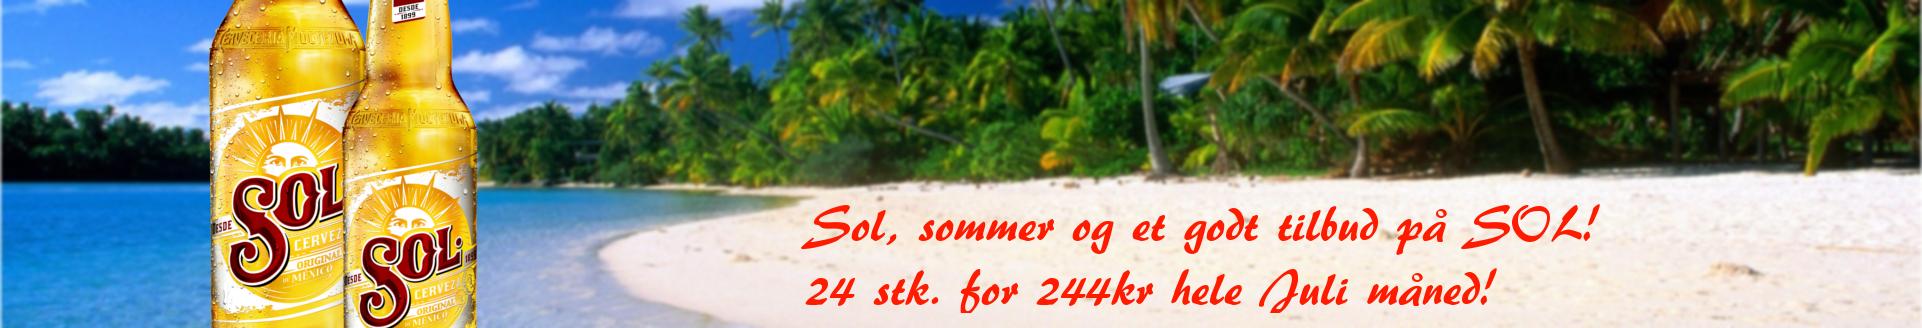 Sol_tilbud